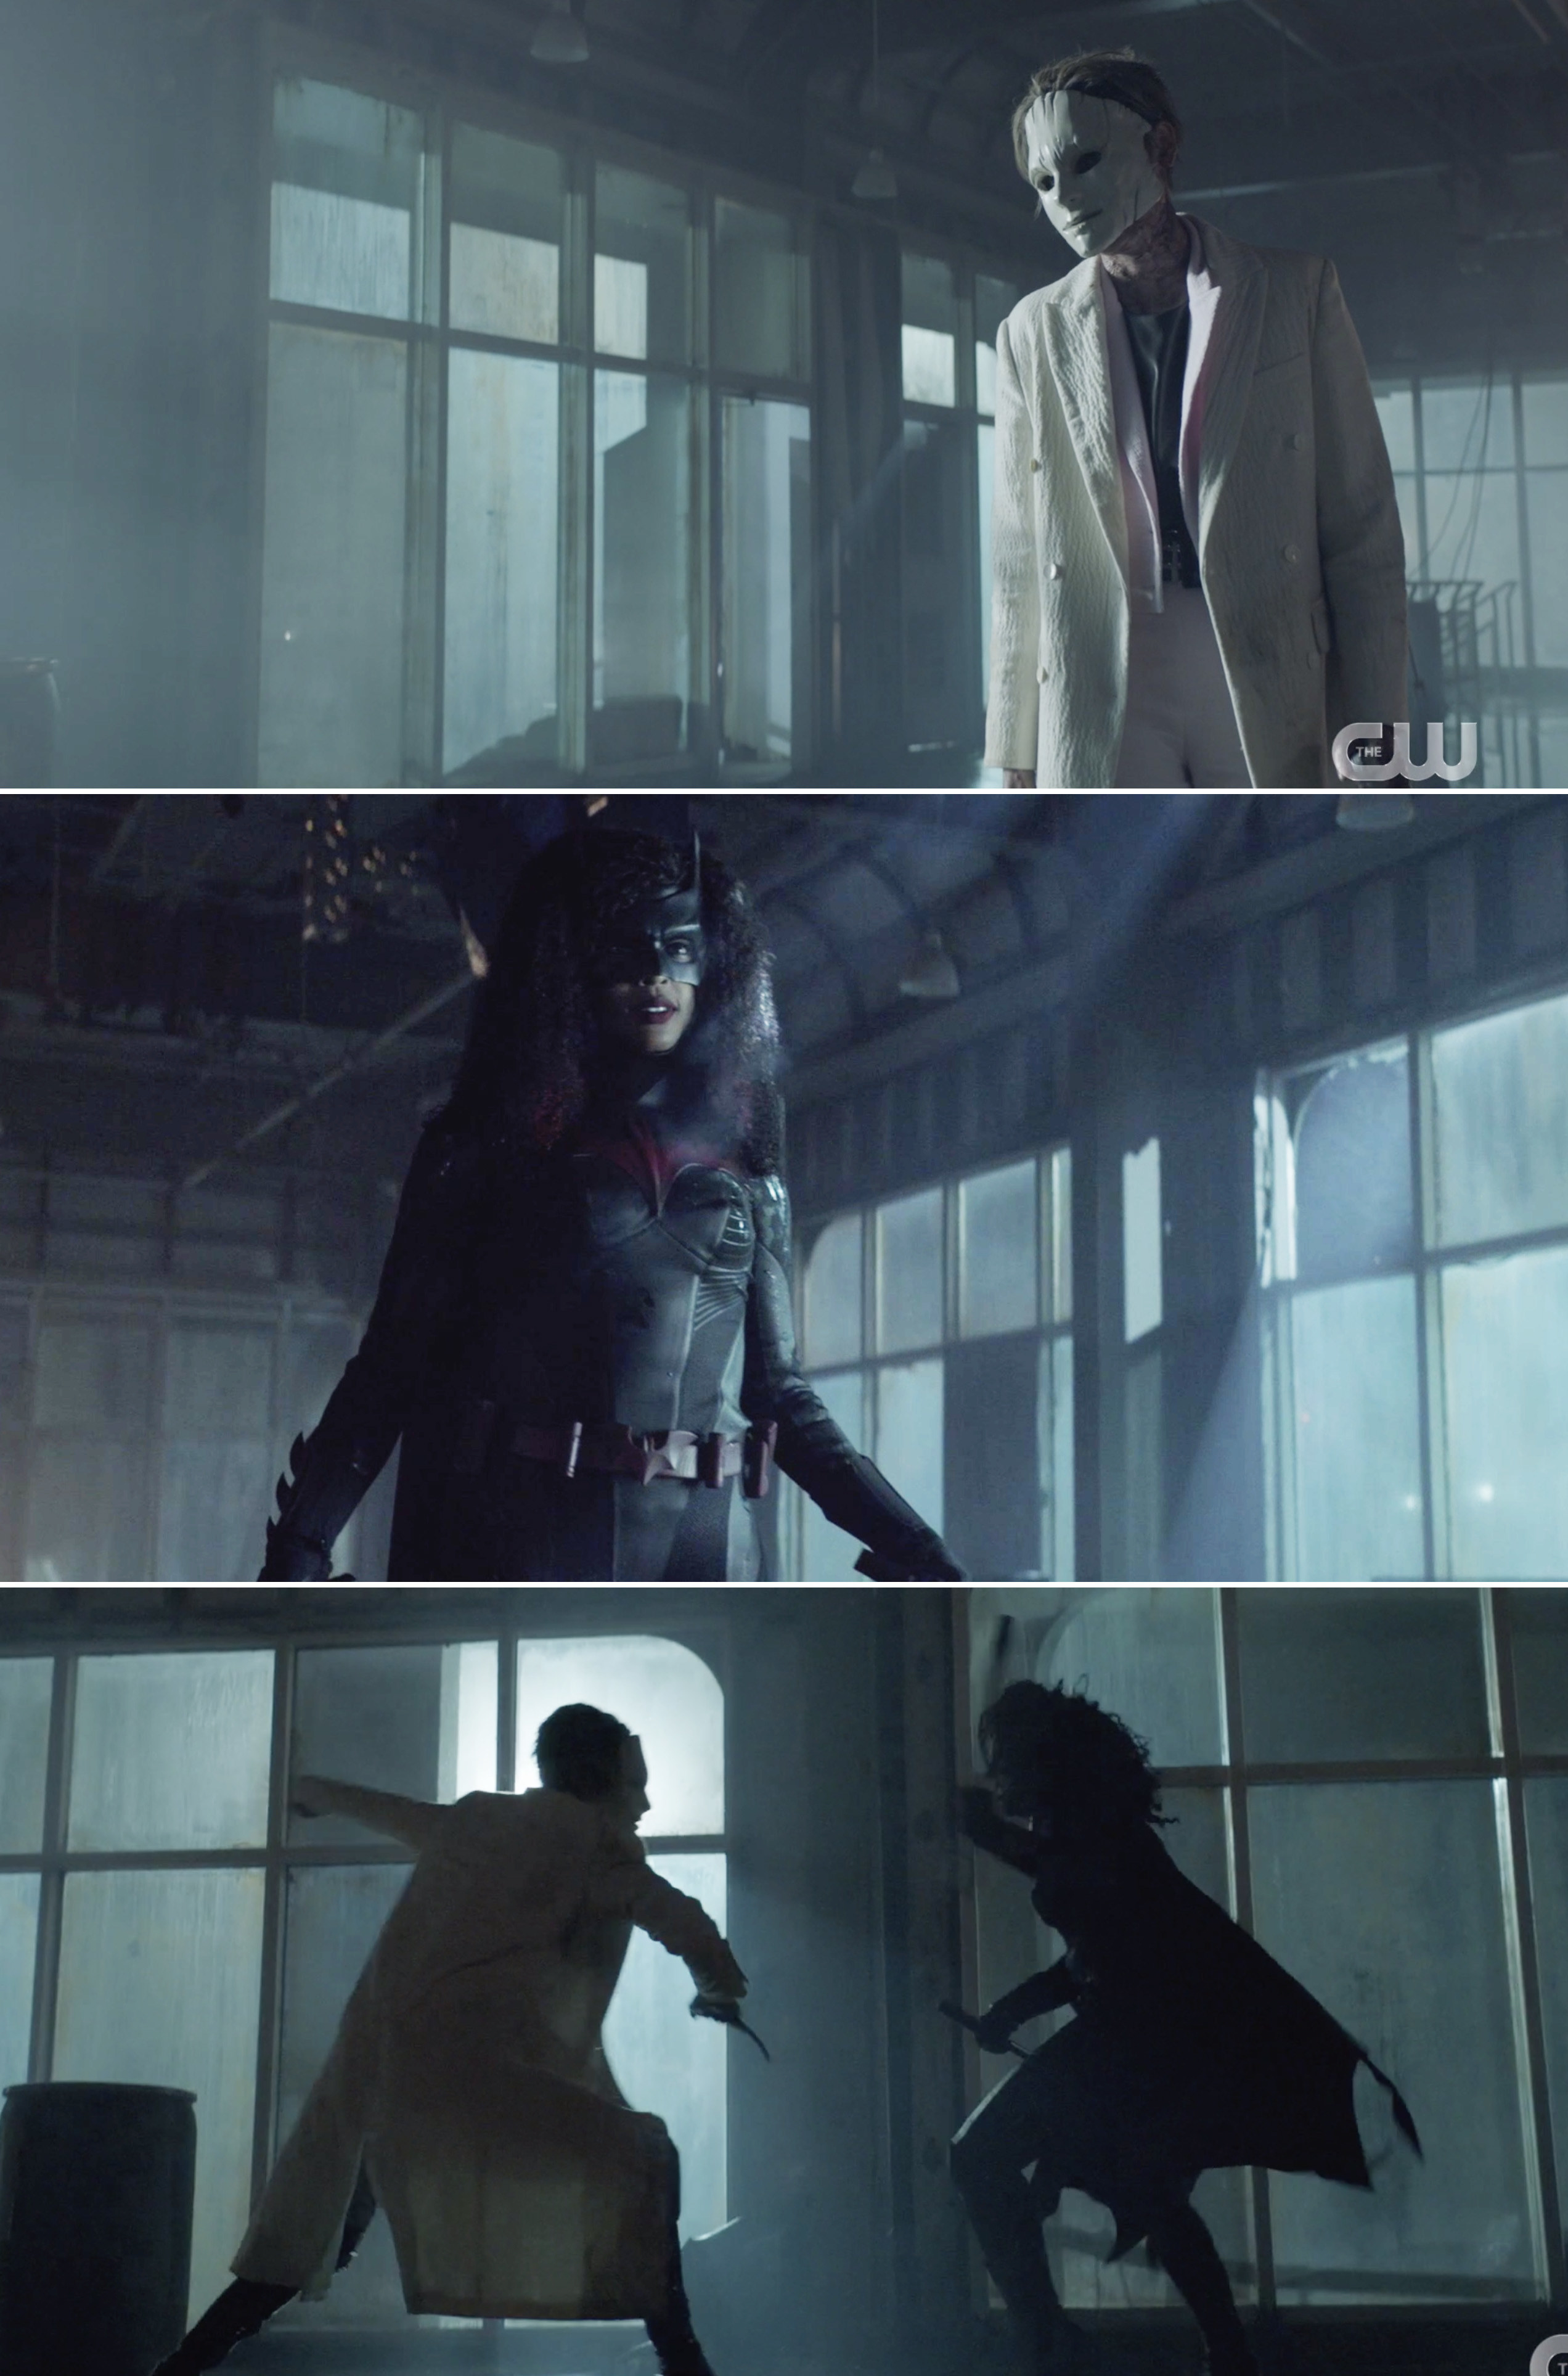 Kate as Circe fighting Ryan as Batwoman